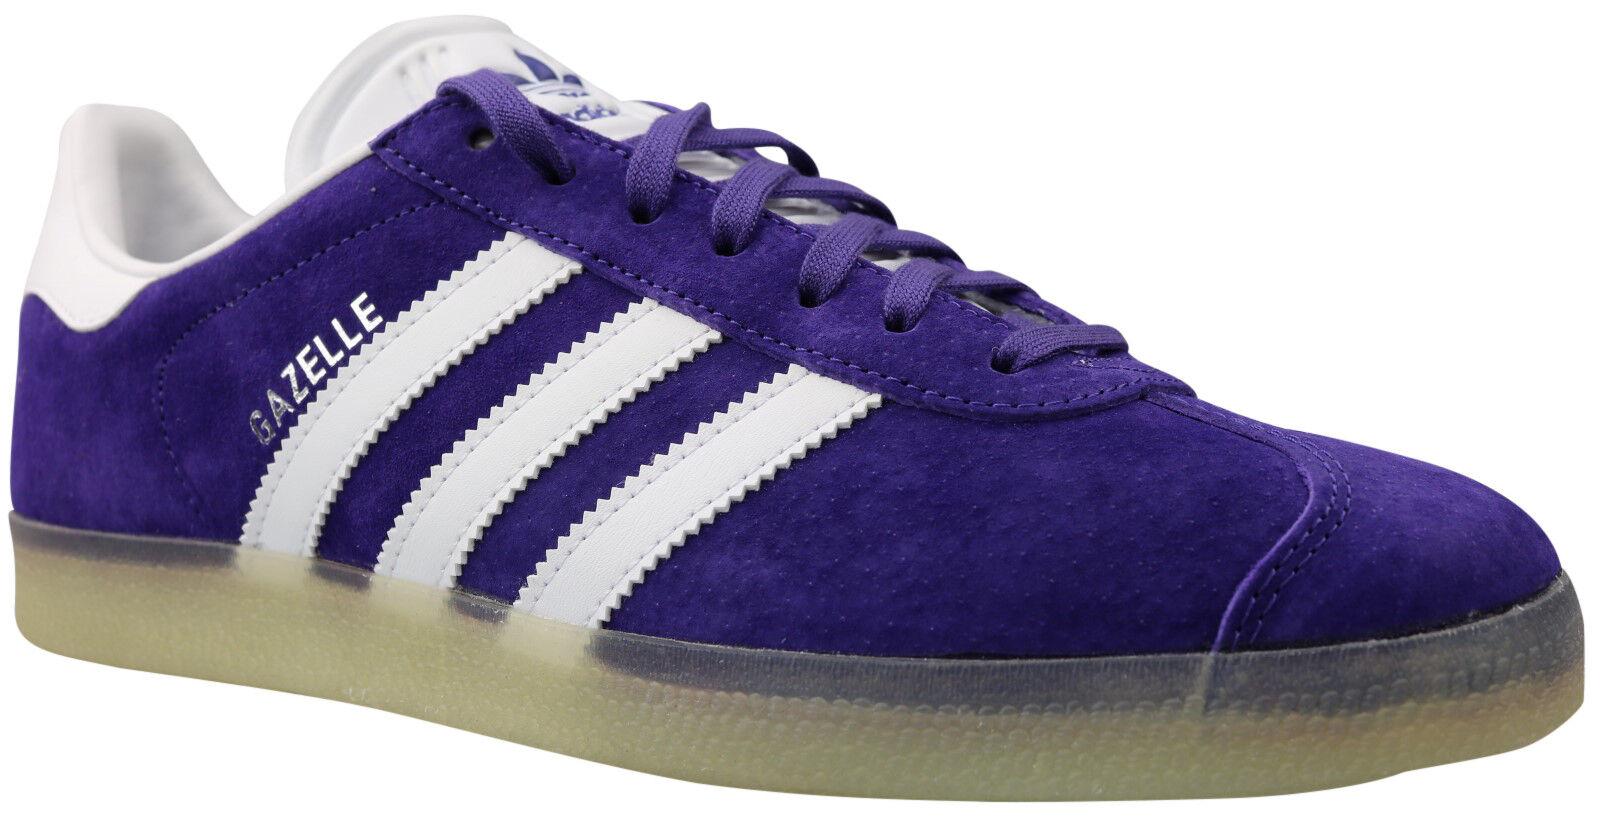 Adidas  Originals gacela cortos Zapatos  Adidas bb5lila nuevo embalaje original & e943d6